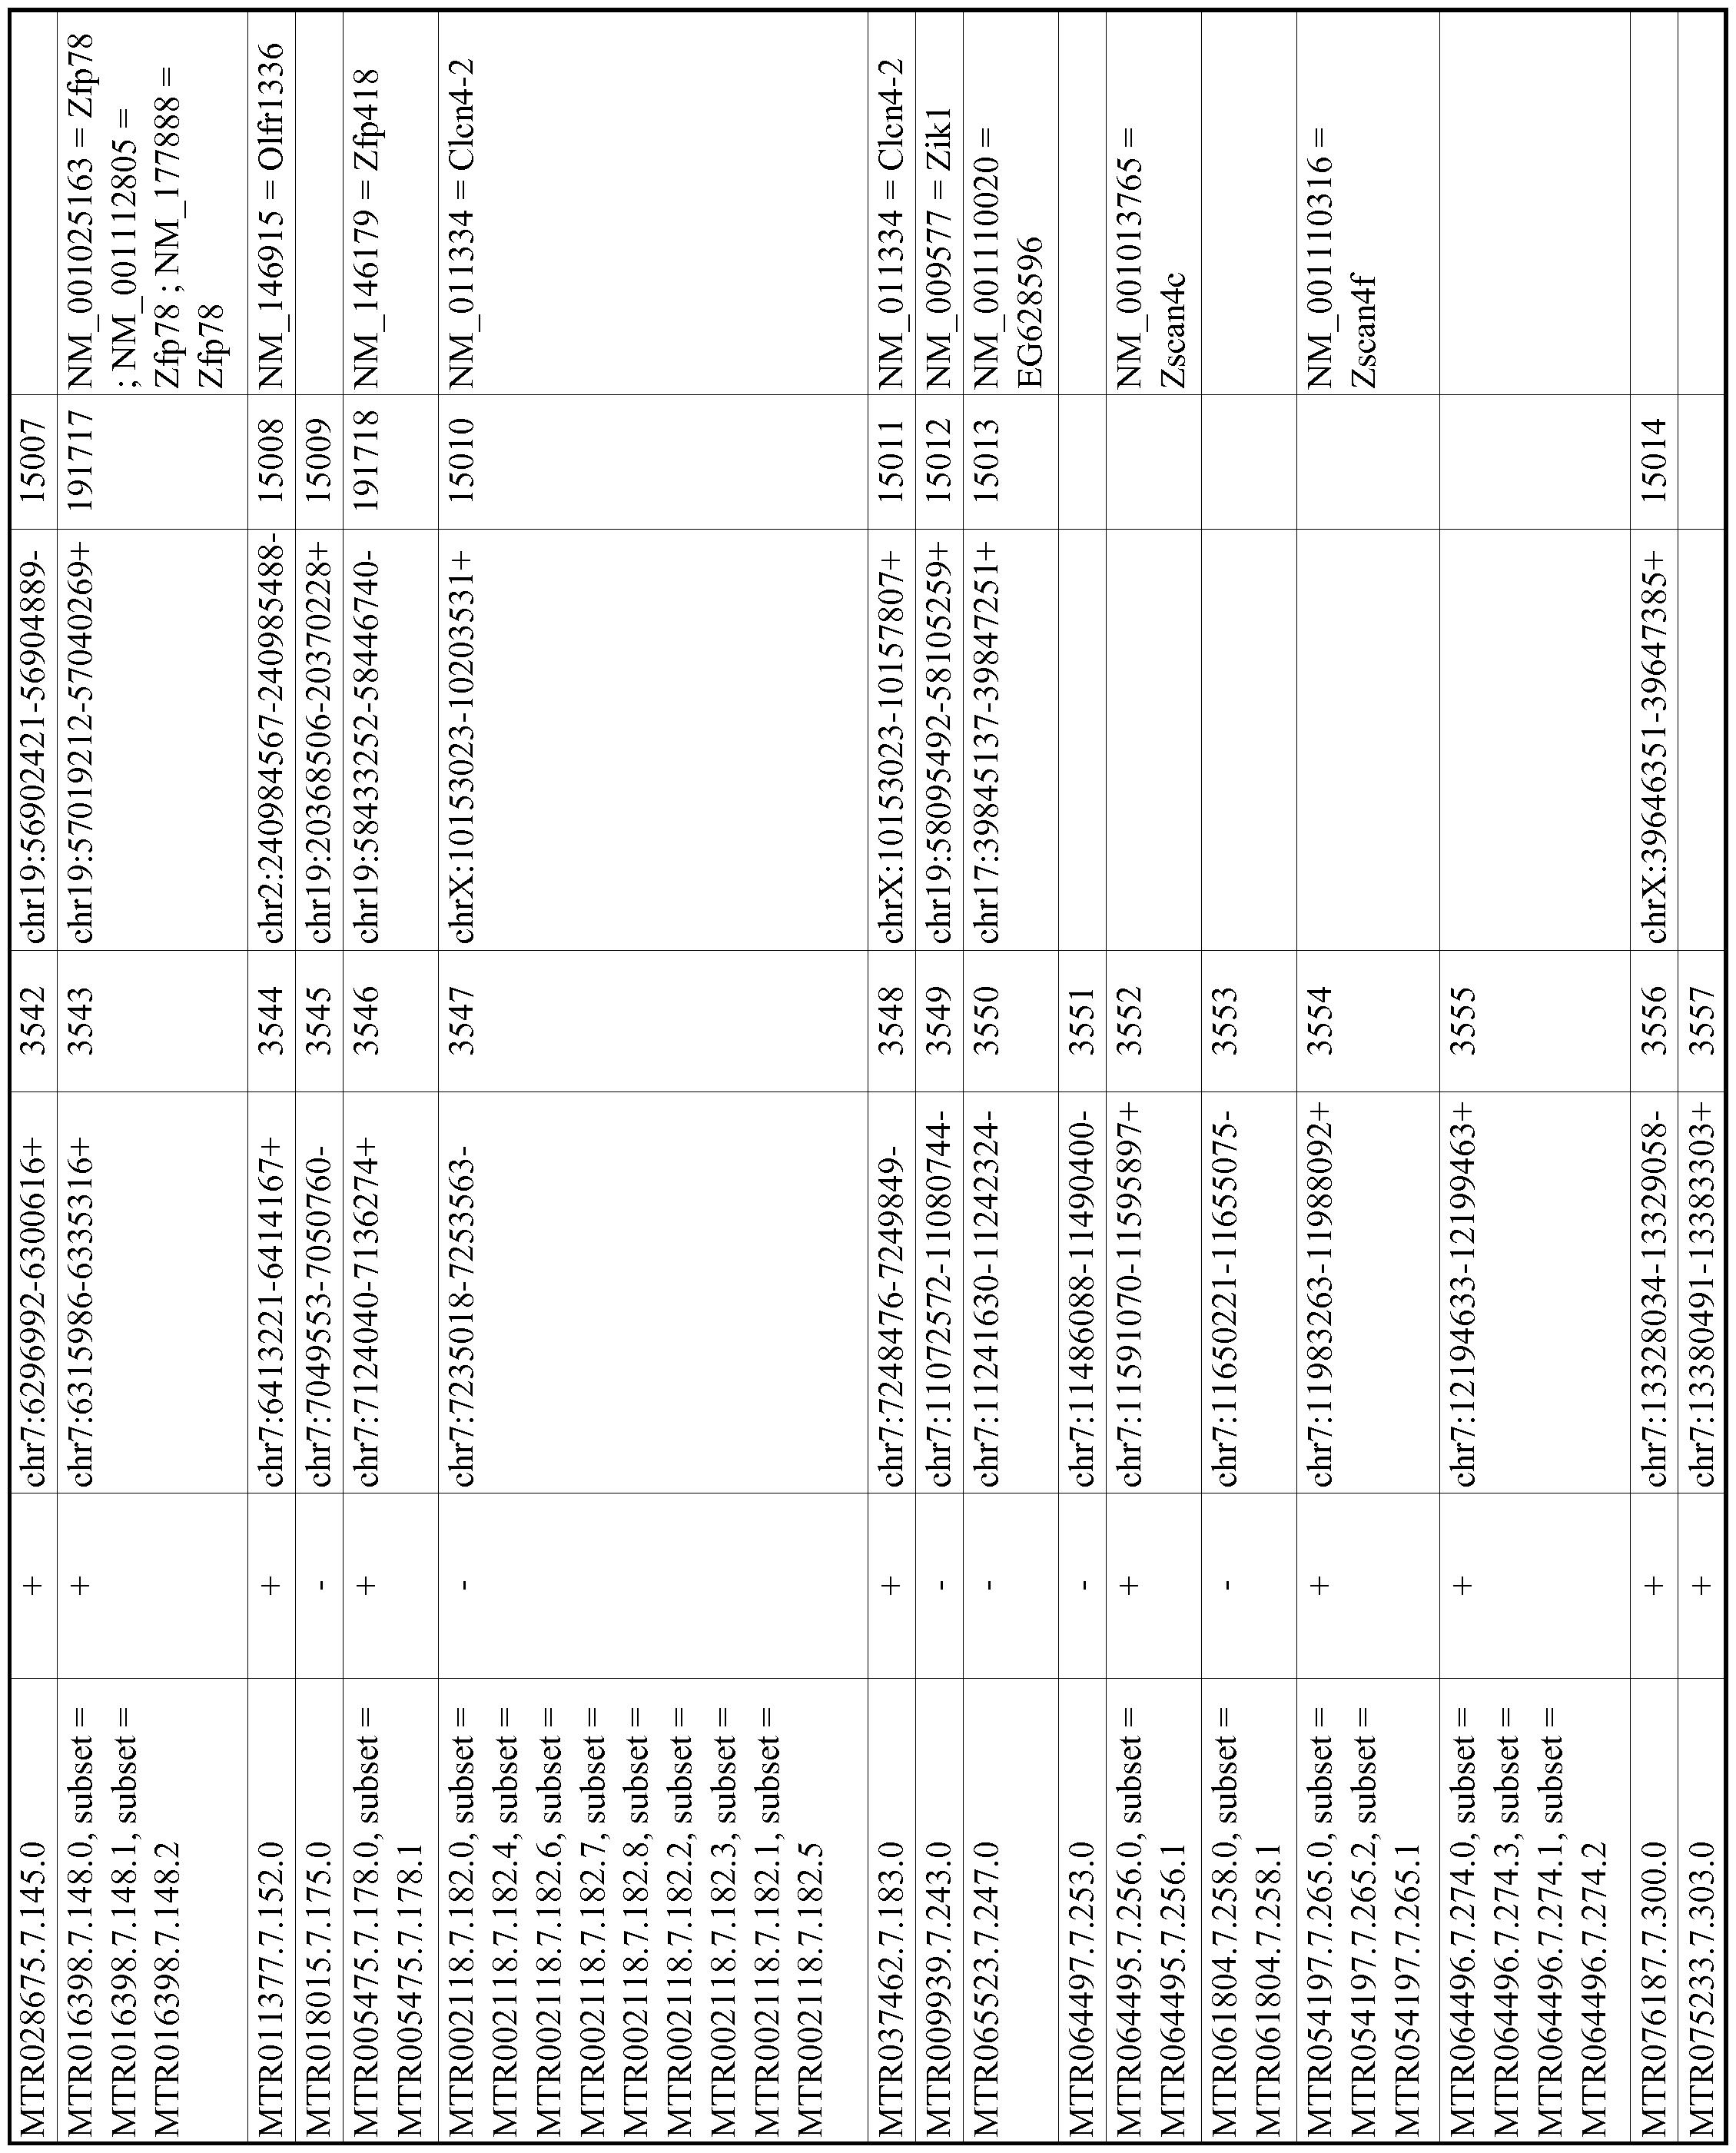 Figure imgf000693_0001